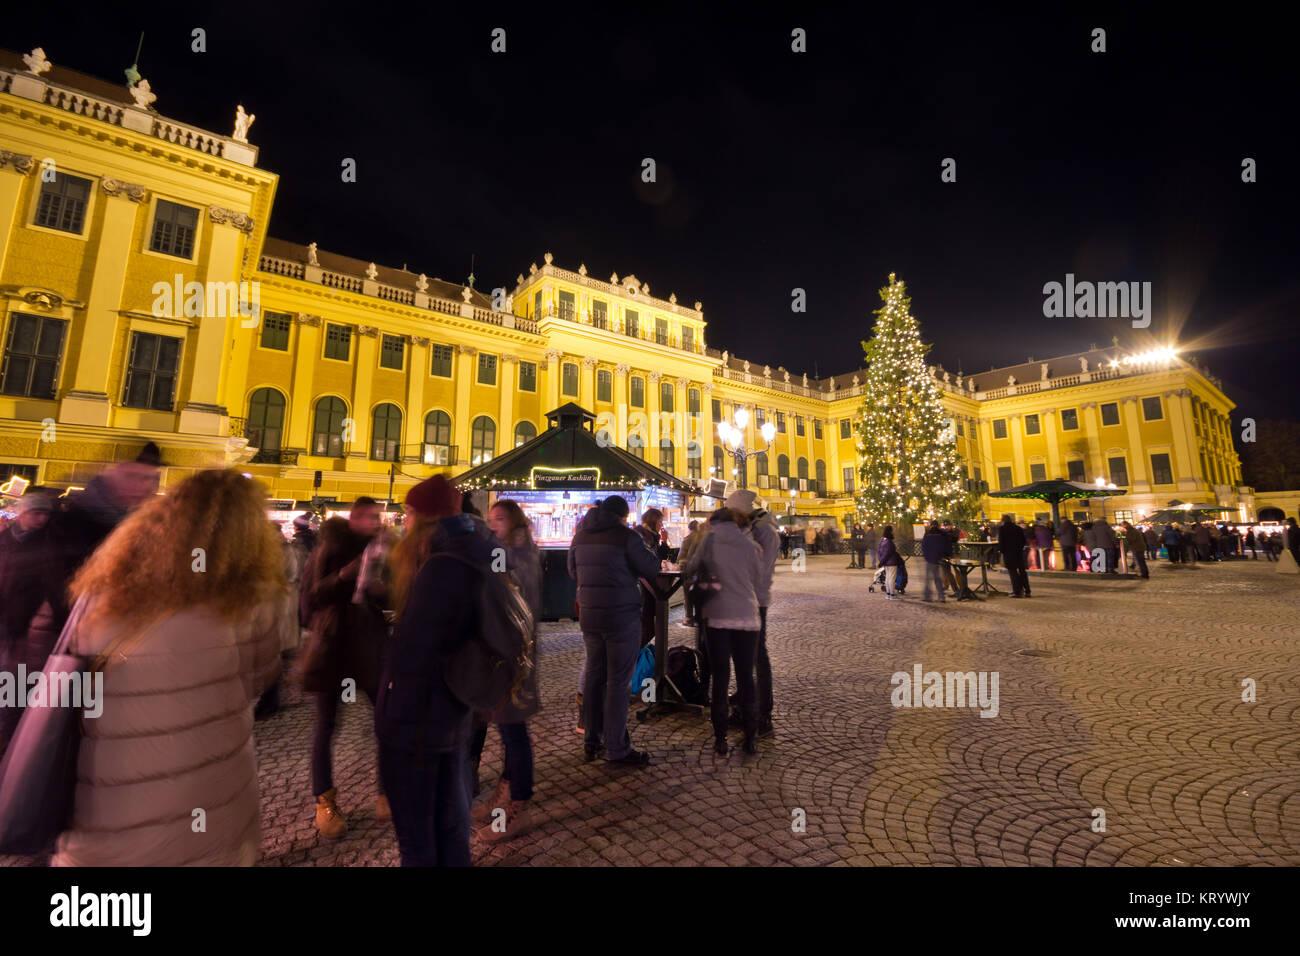 Traditioneller Weihnachtsmarkt mit beleuchteten Schloss Schönbrunn und Lichterketten geschmückten Weihnachtsbaum Stockbild